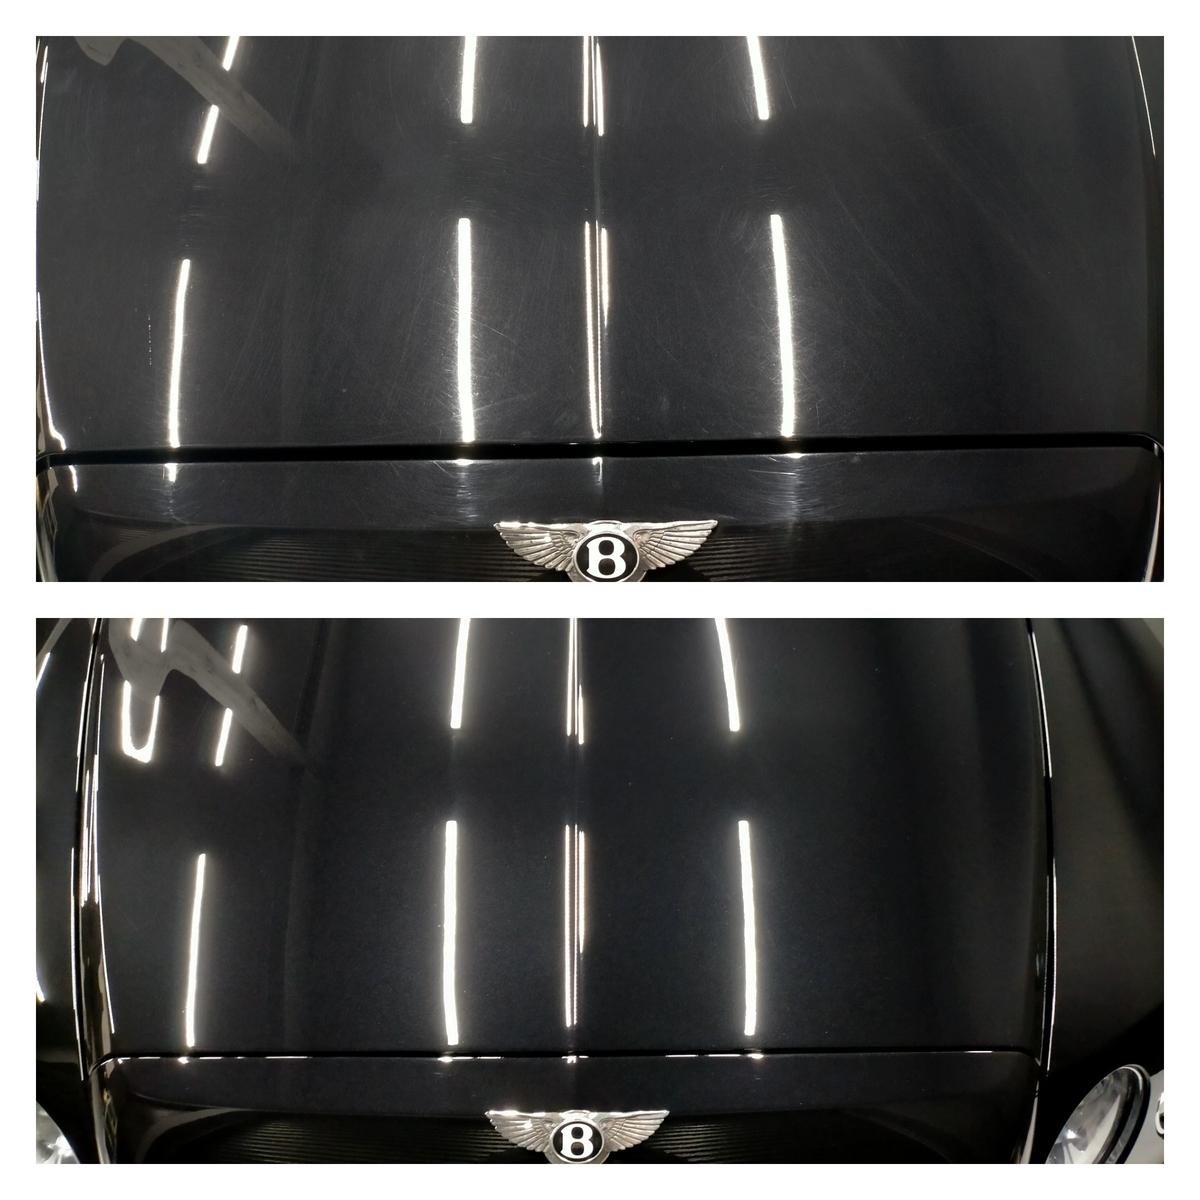 ベントレー/フライングスパーW12 ボディ磨き+樹脂硬化型コーティング【Ω /OMEGA】札幌清田3